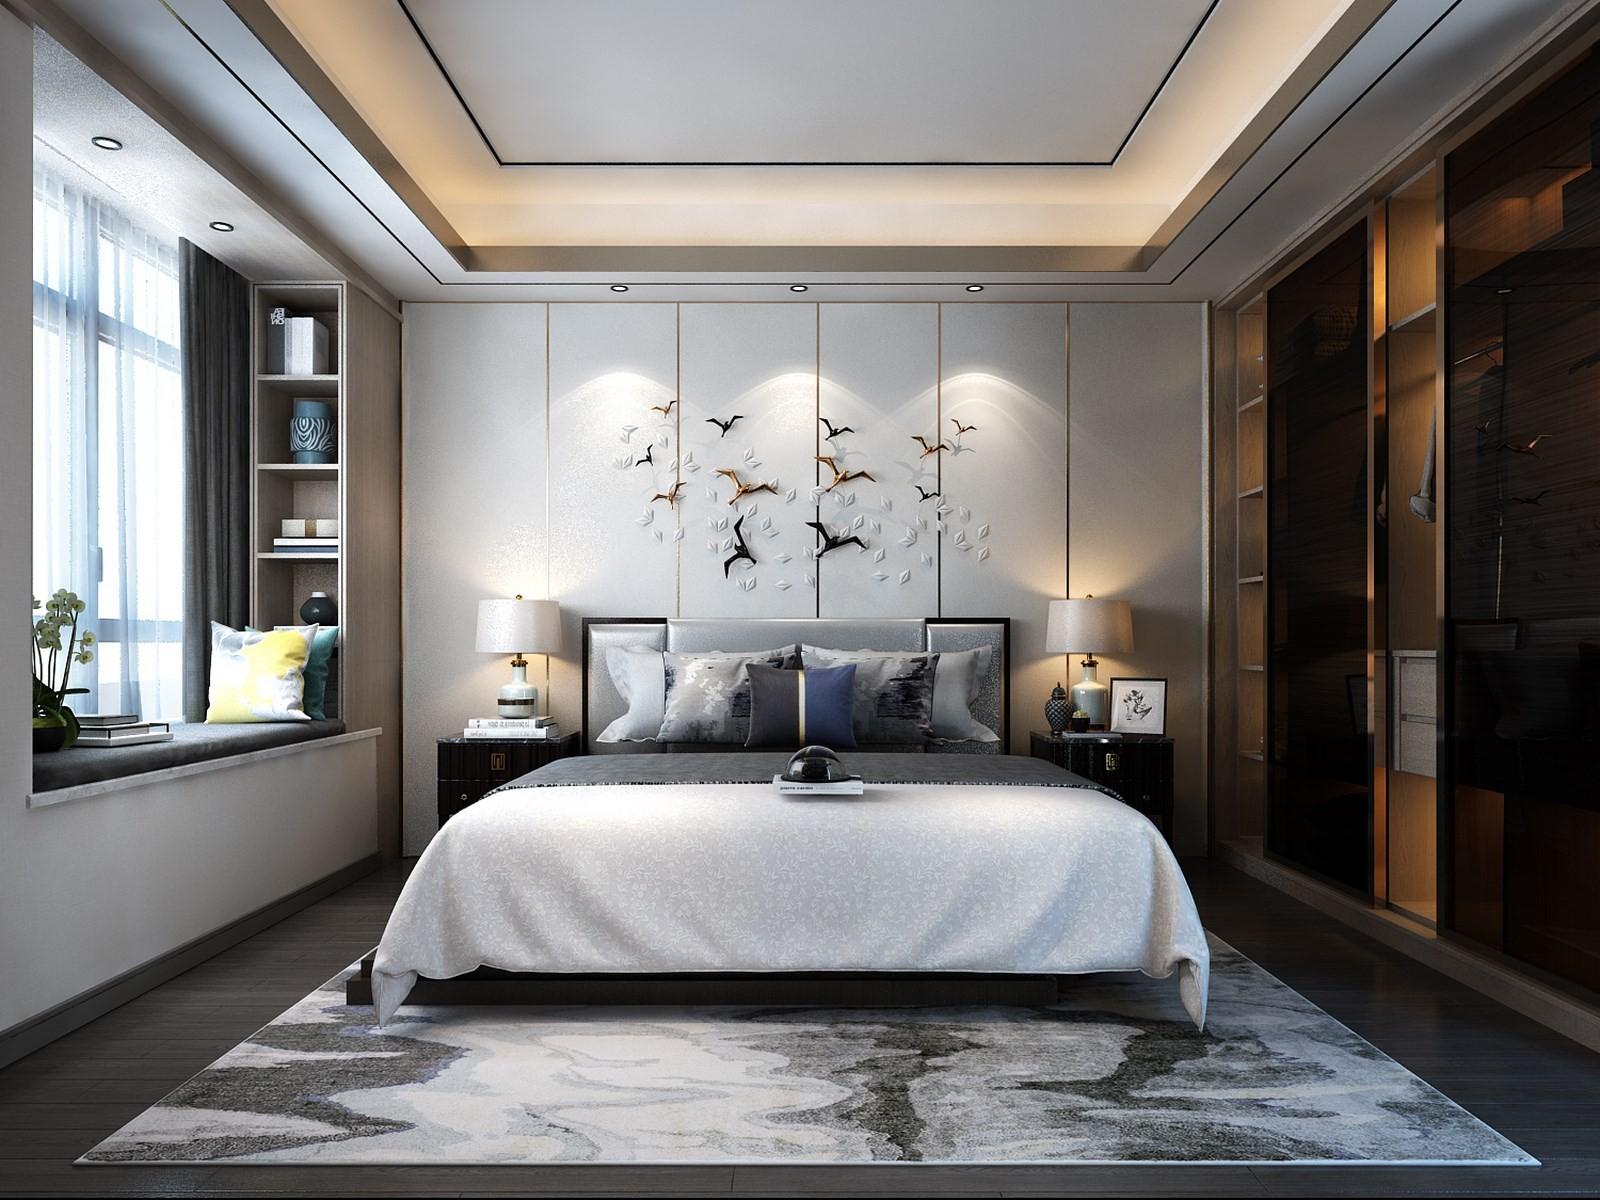 2020新中式臥室裝修設計圖片 2020新中式窗臺裝修設計圖片